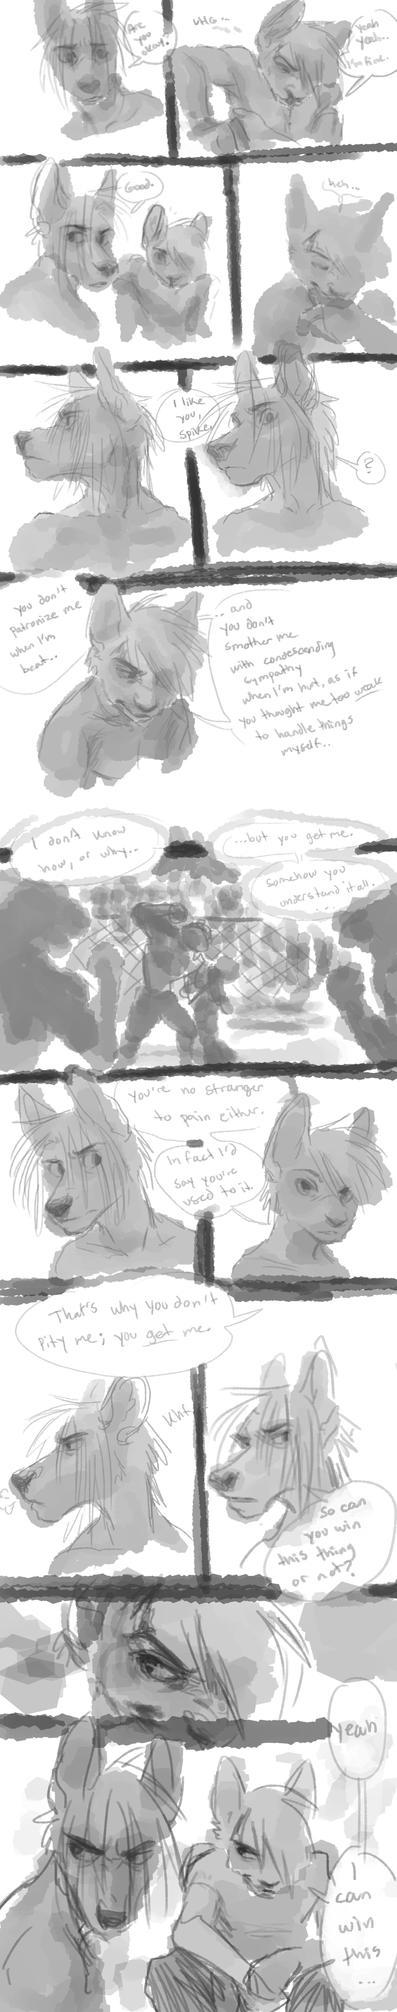 Cage Fight - scene idea by oomizuao